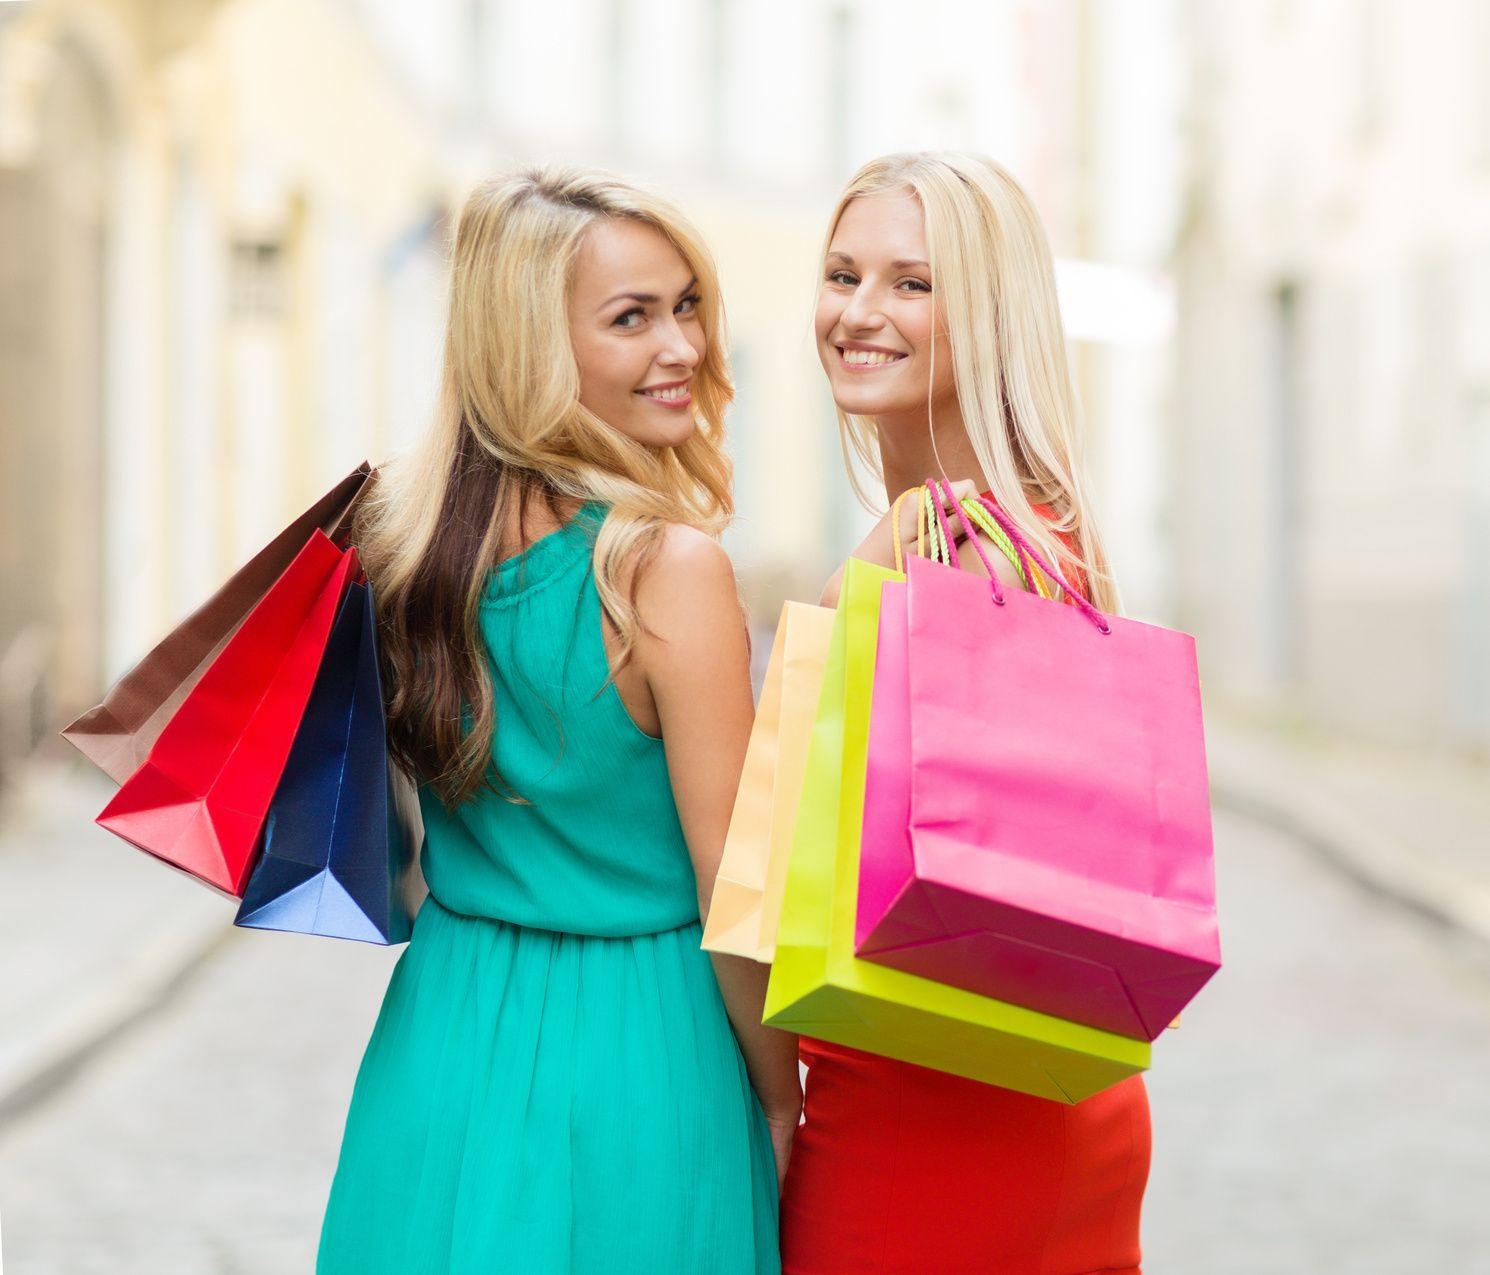 beautiful women with shopping bags in the ctiy